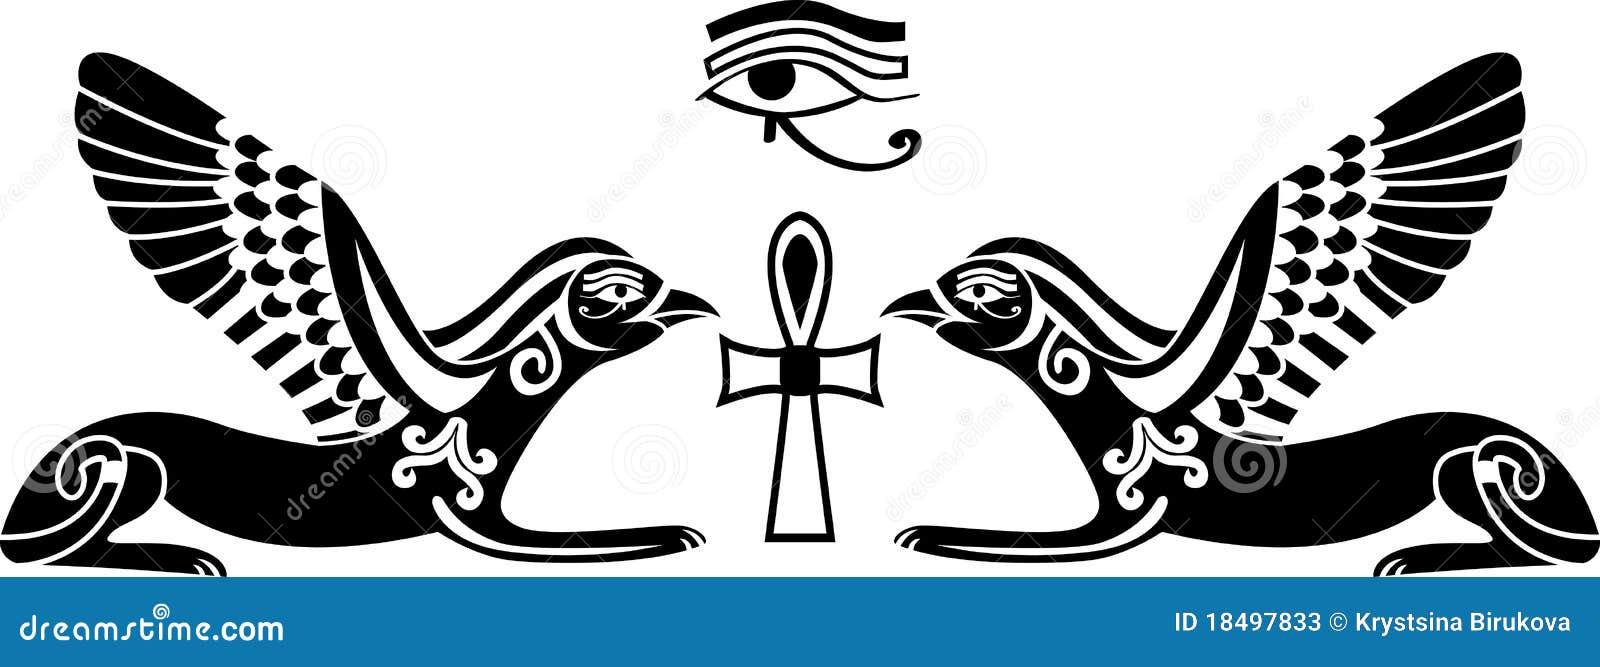 Egyptian God Symbols Hieroglyphics